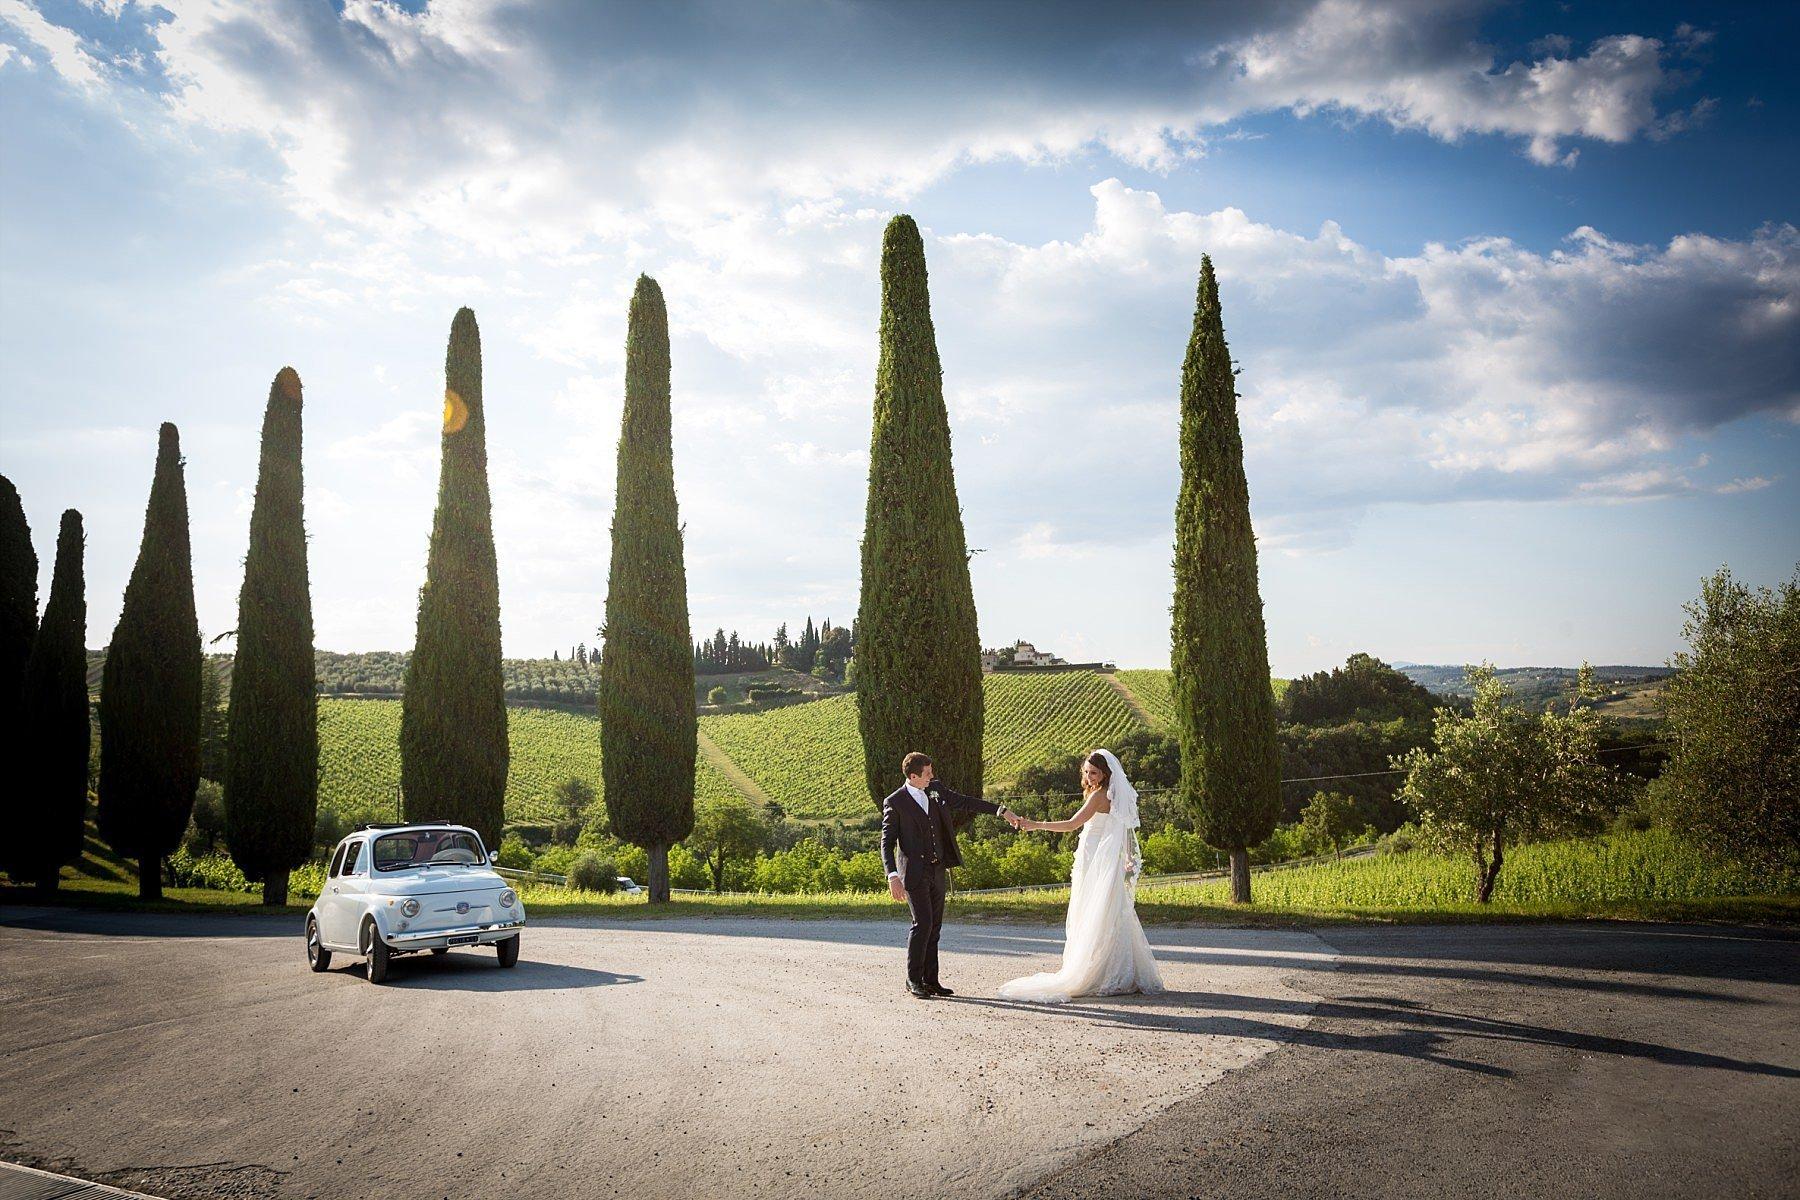 Sposi con fiat 500 fotografati nelle bellissime colline toscane con cipressi